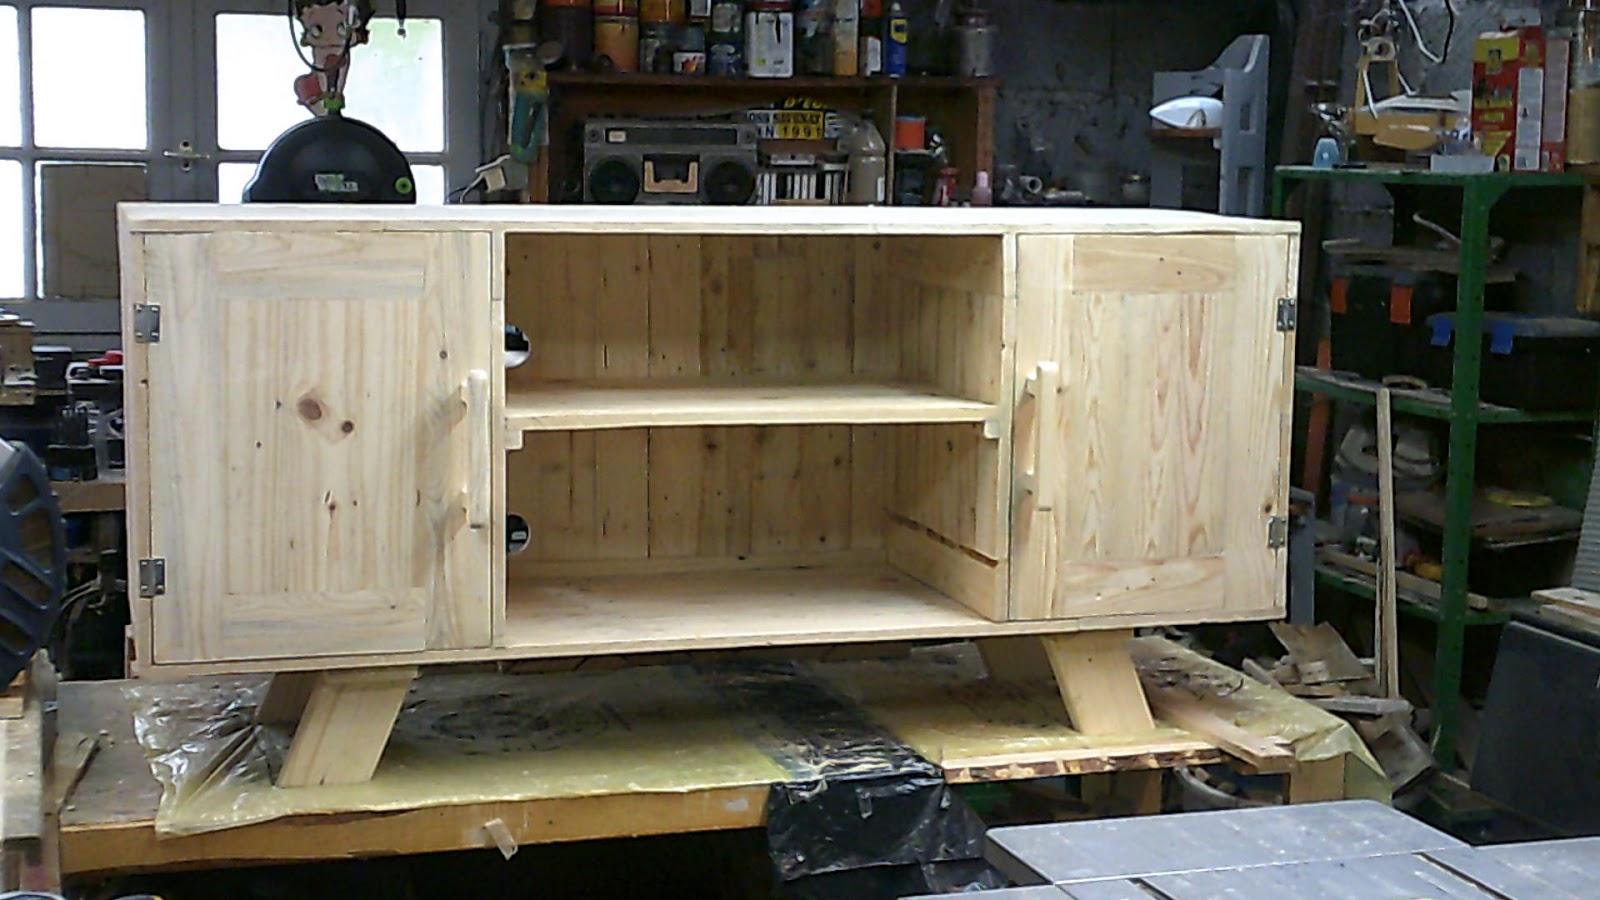 fabrication de meuble l 39 interieur en bois de palette et meuble de jardin. Black Bedroom Furniture Sets. Home Design Ideas